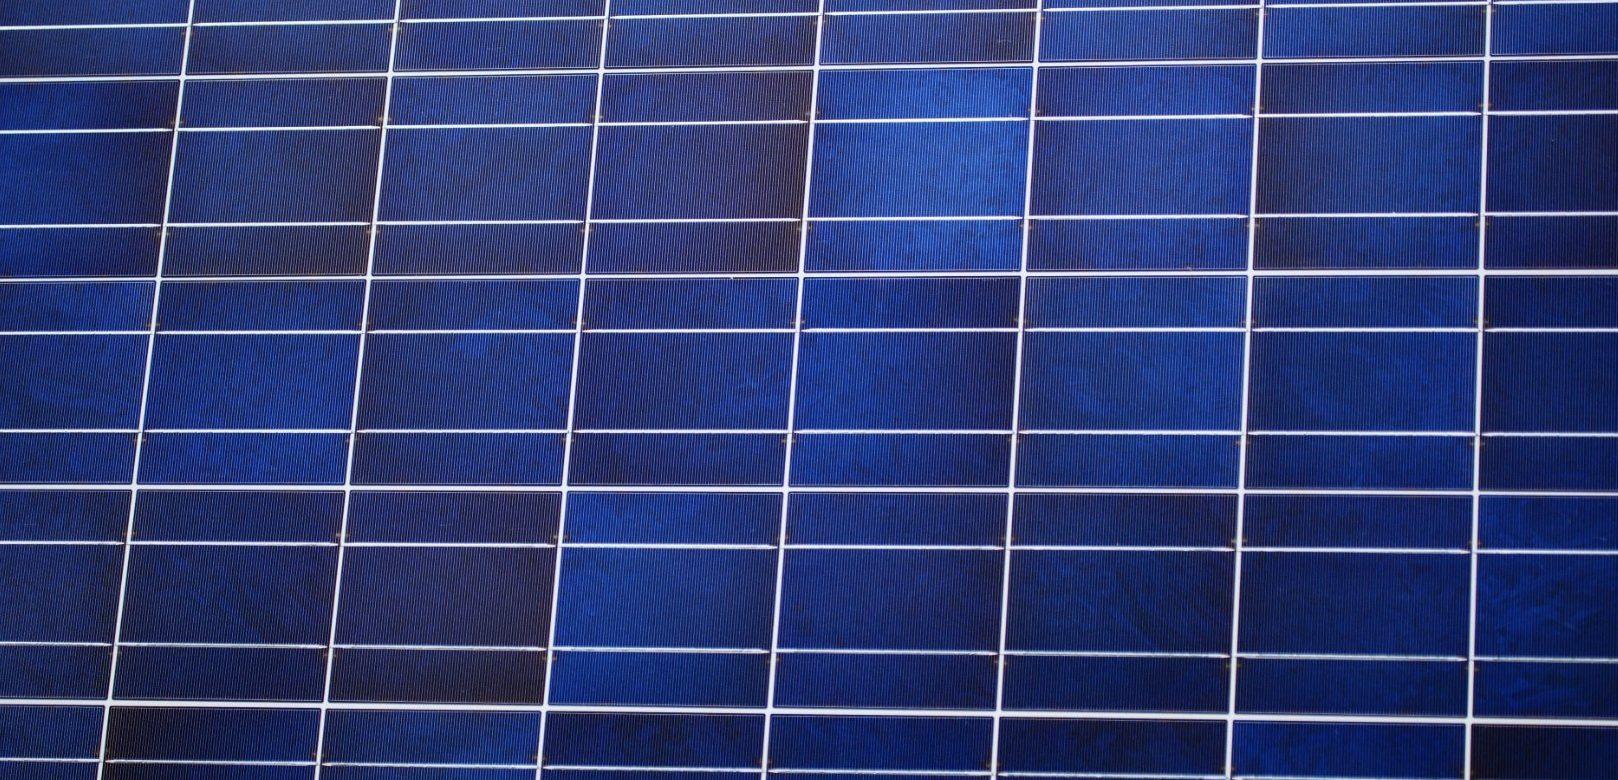 Tunisie : L'entreprise française Qair va construire une centrale photovoltaïque flottante sur le Lac de Tunis